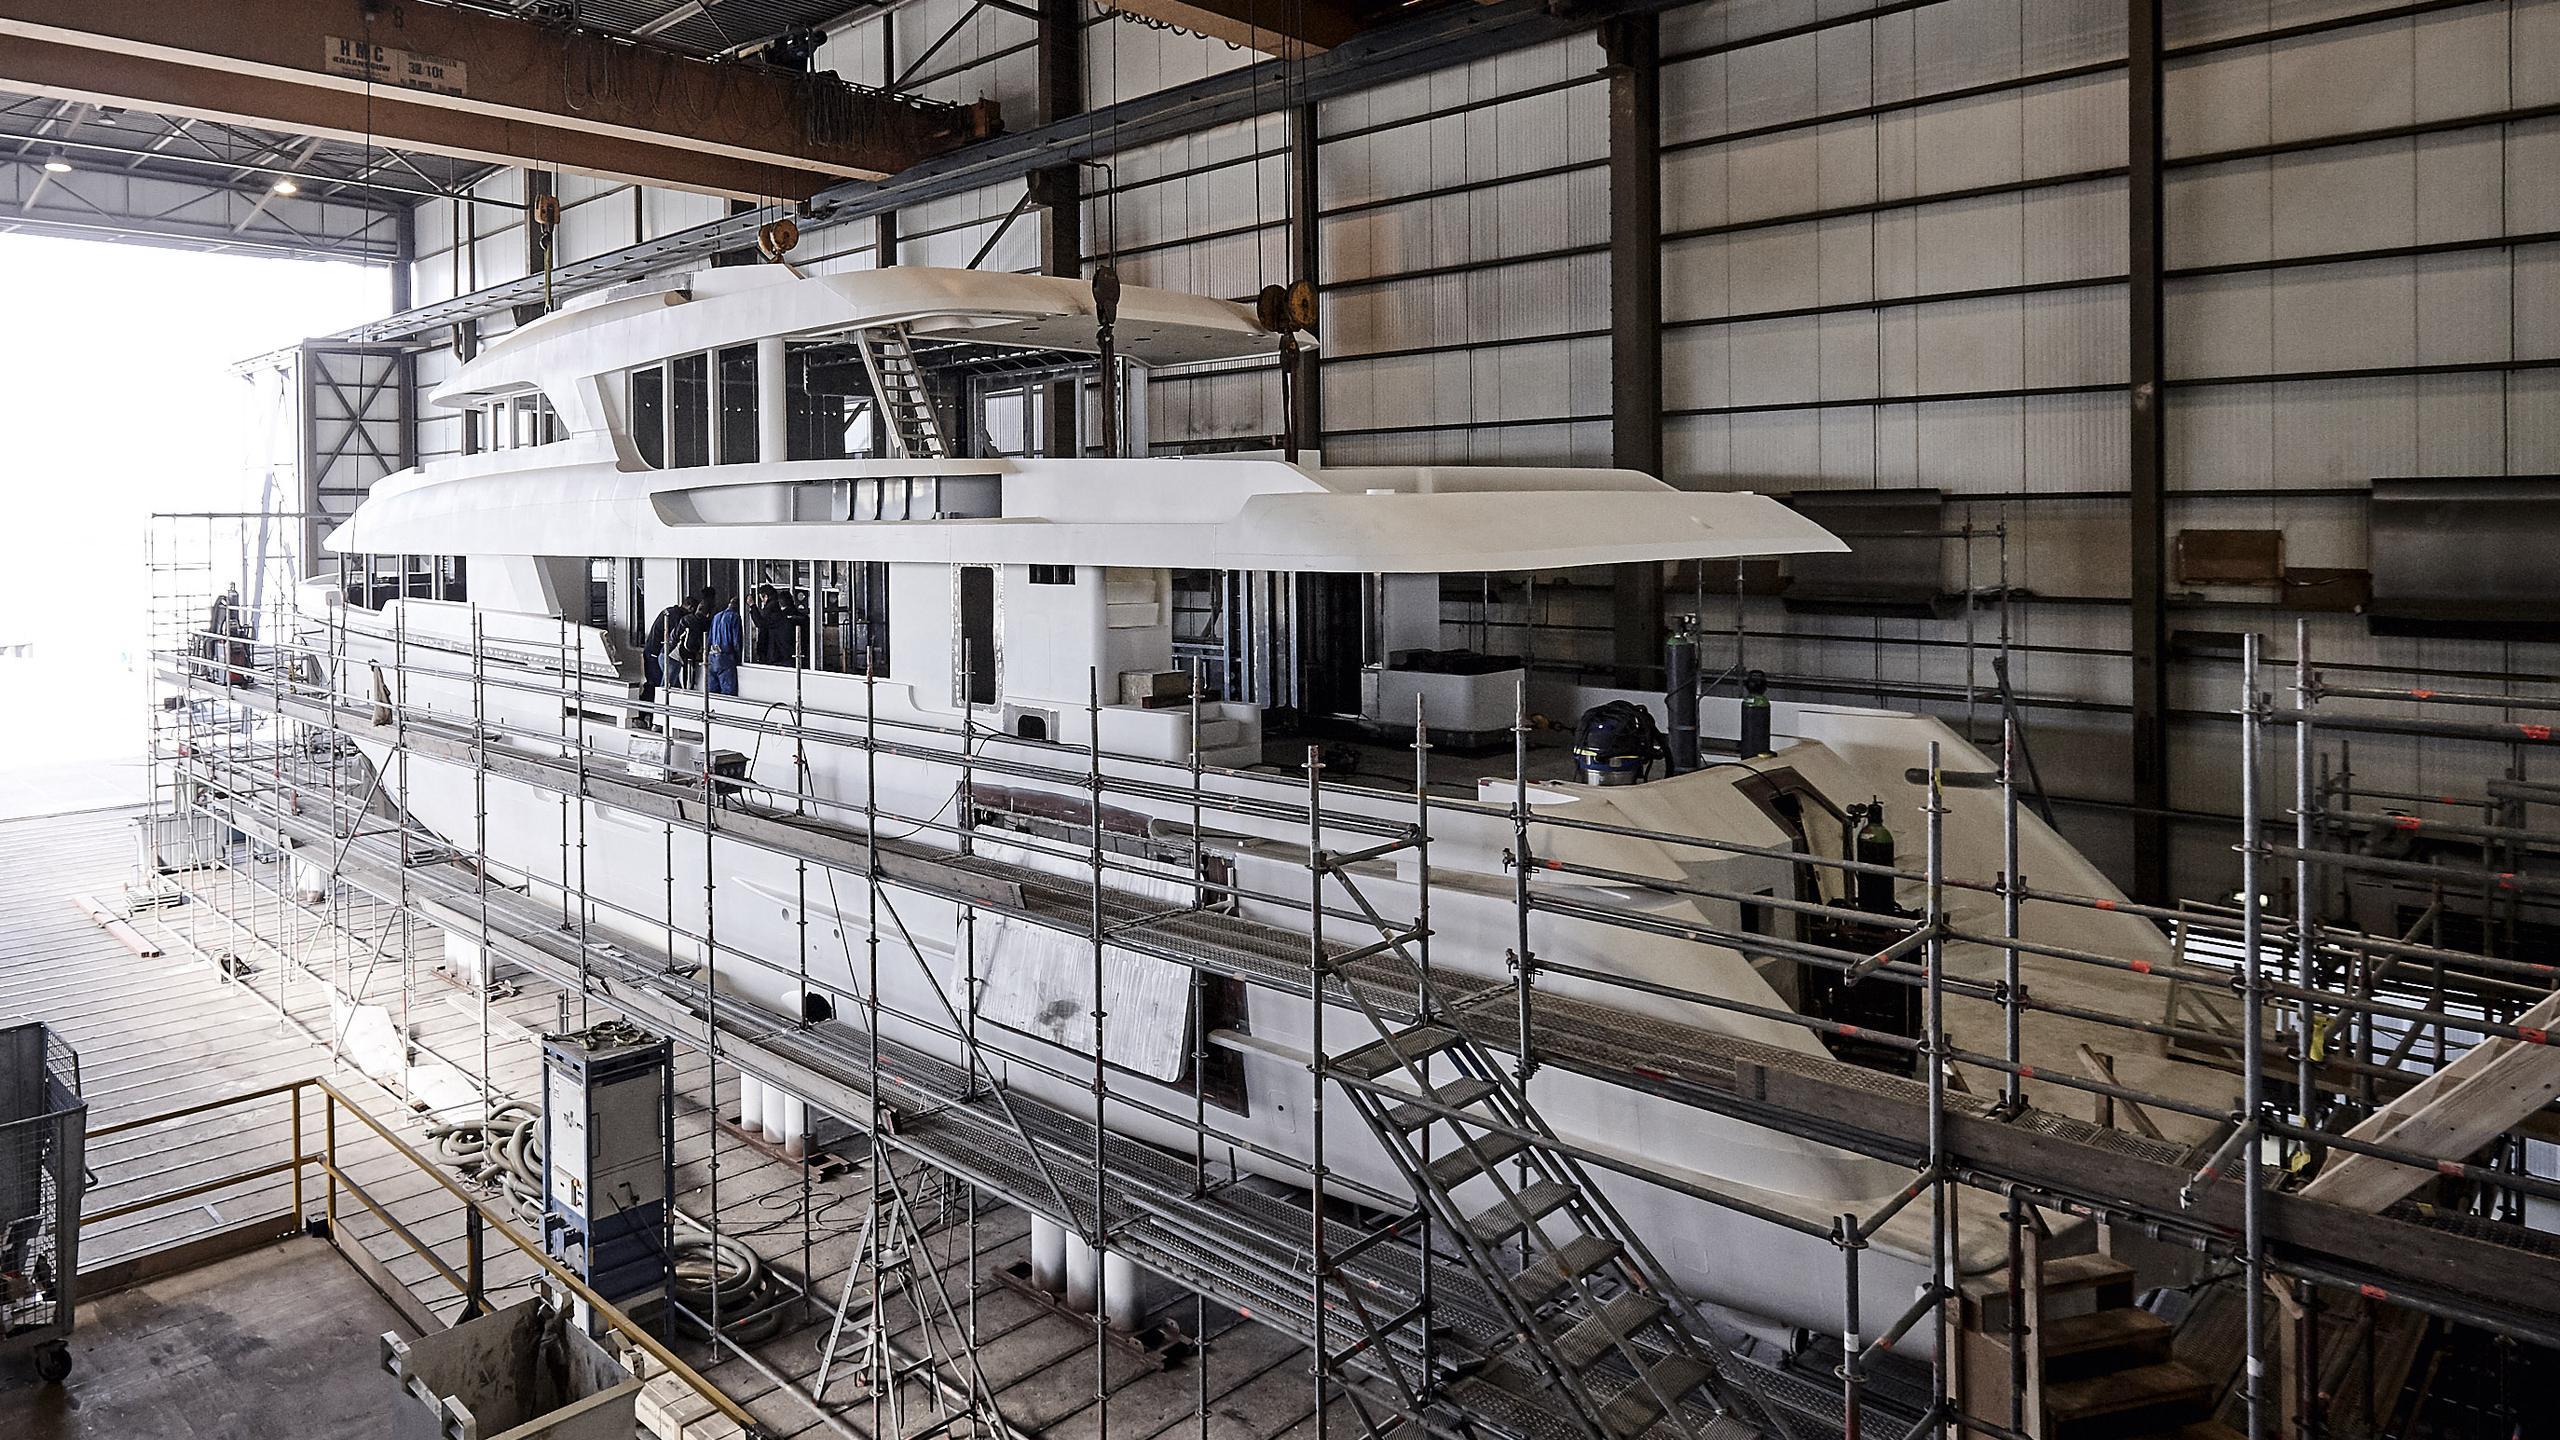 yn197 motoryacht moonen martinique 36m 2018 under construction